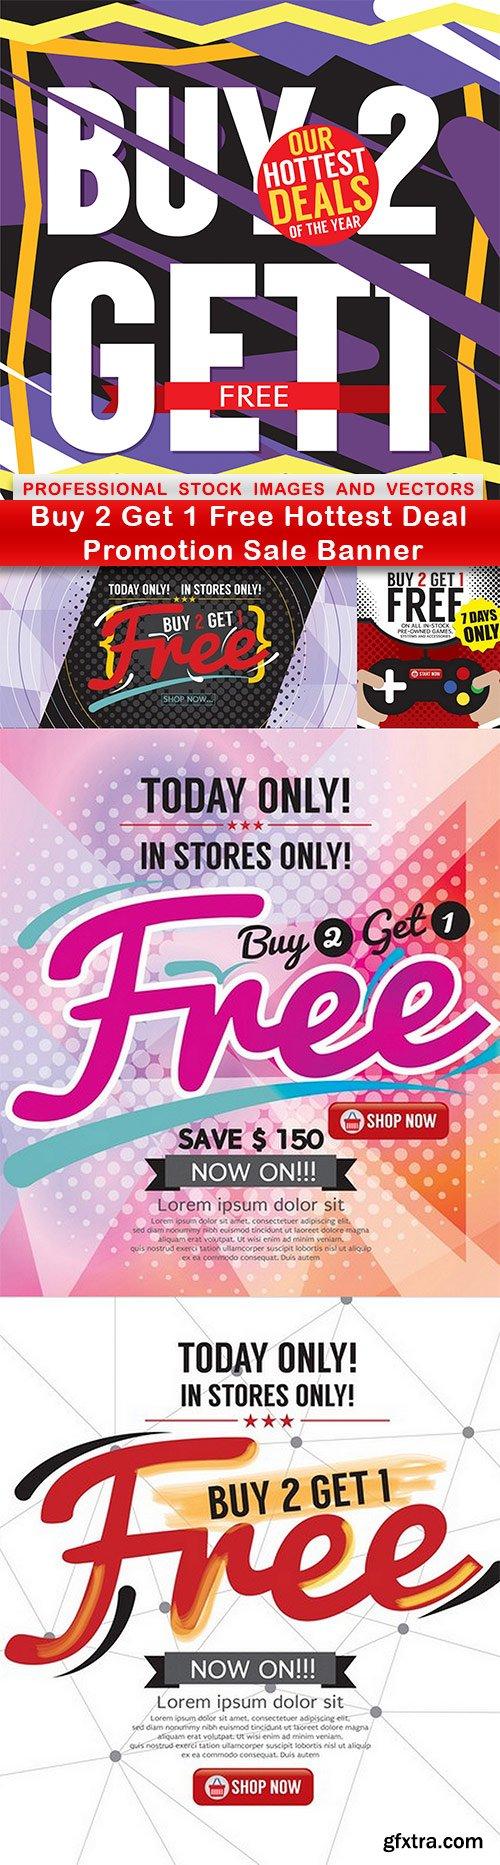 Buy 2 Get 1 Free Hottest Deal Promotion Sale Banner - 5 EPS